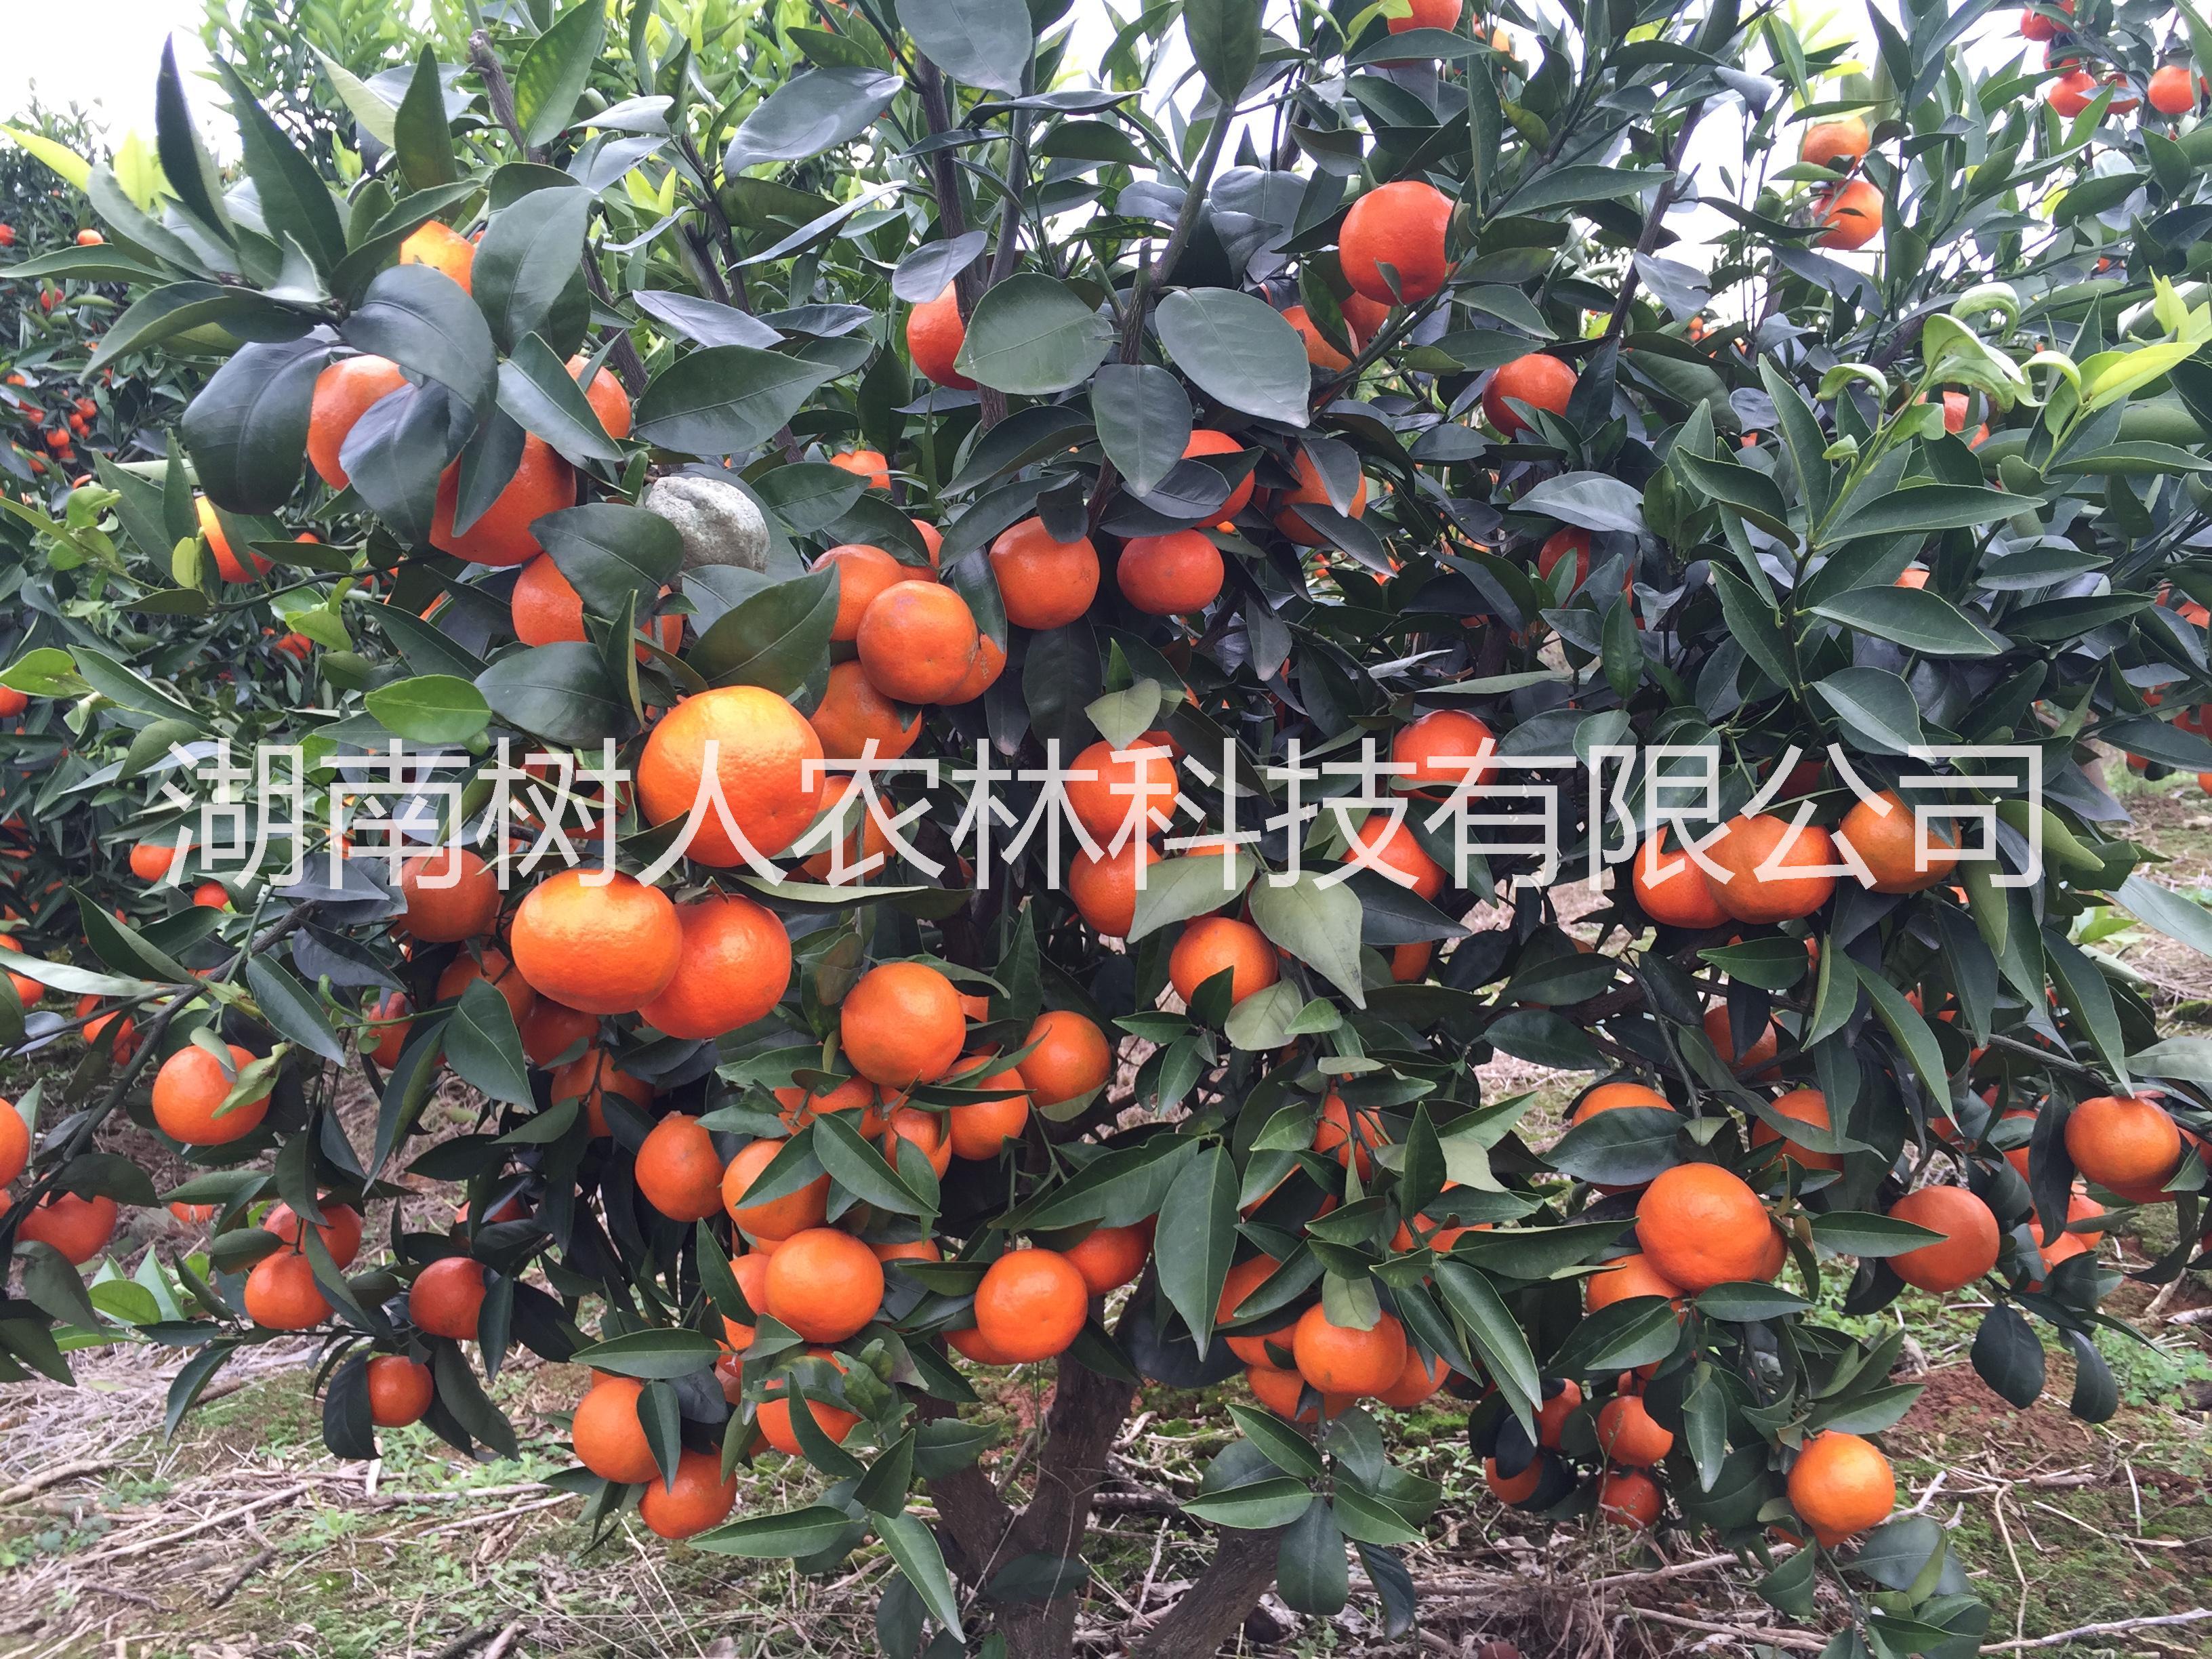 湖南正宗世纪红柑桔苗种植基地直销批发价格多少钱-管理技术指导找湖南树人公司